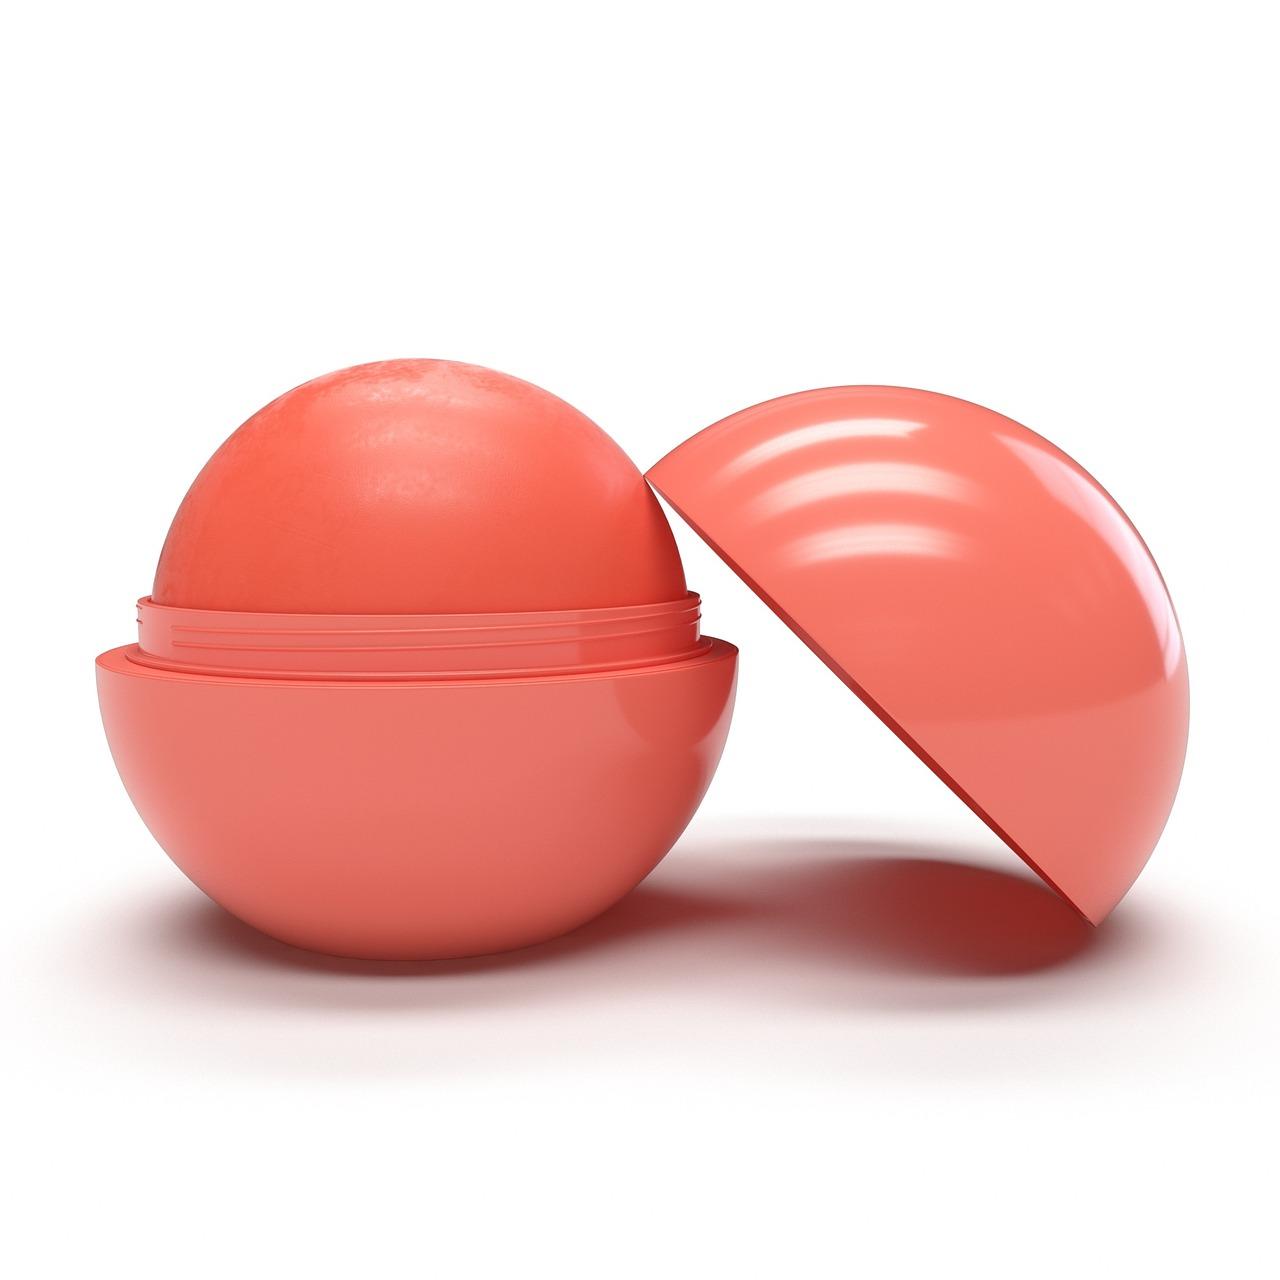 ball-1049662_1280